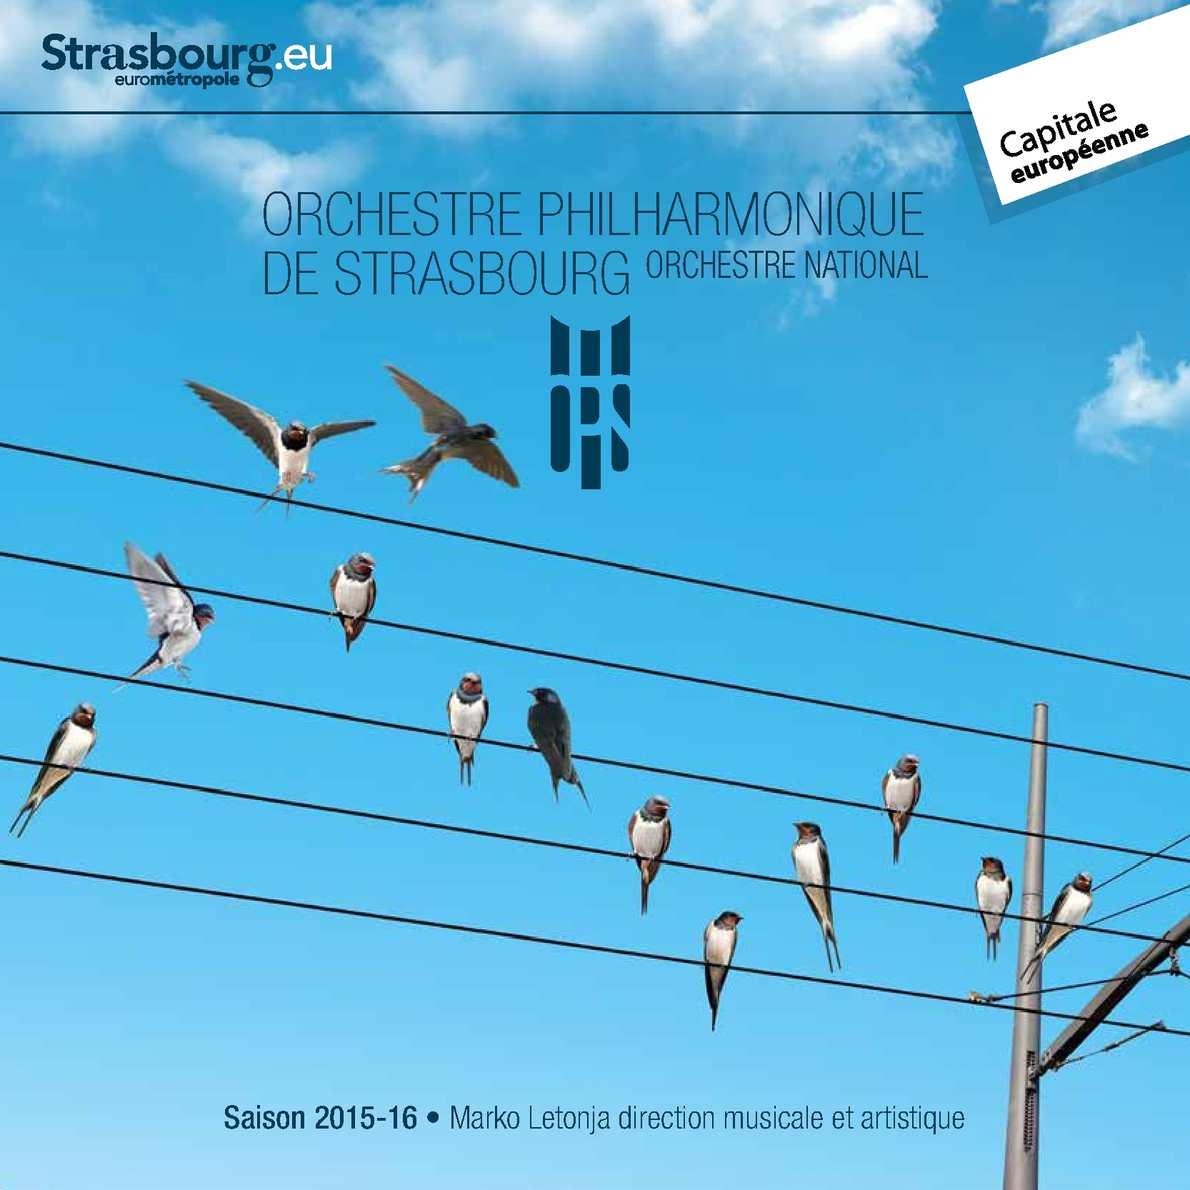 Orchestre Philharmonique de Strasbourg - Saison 2015 - 2016